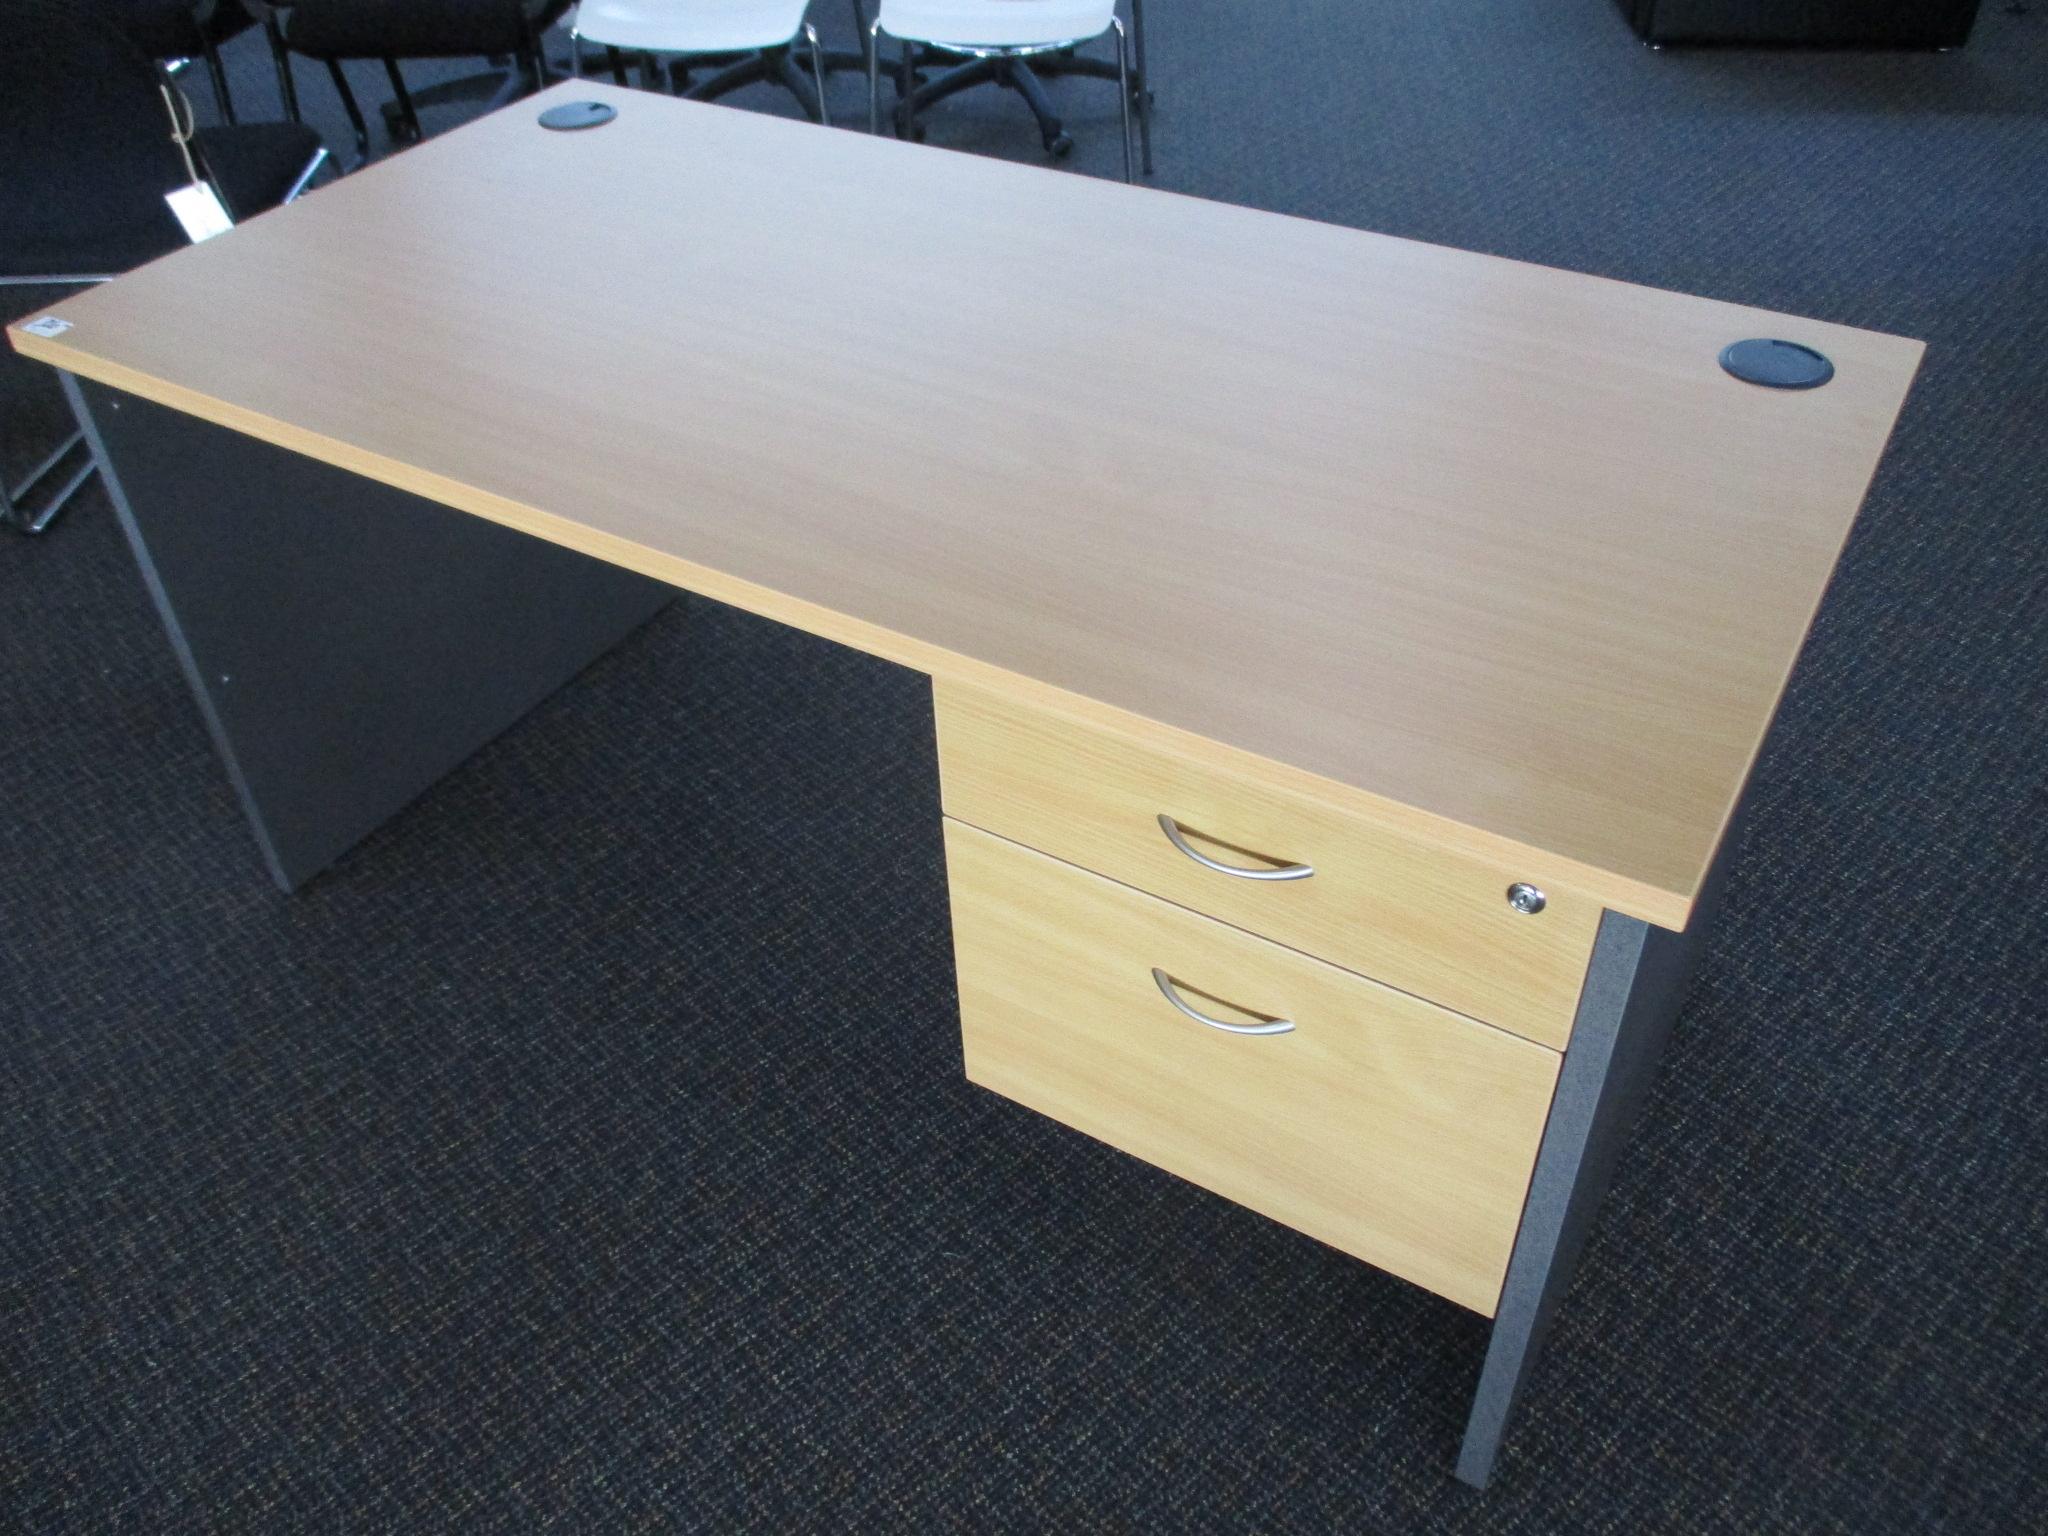 New Beech and Ironstone Desks 1500×750 $350